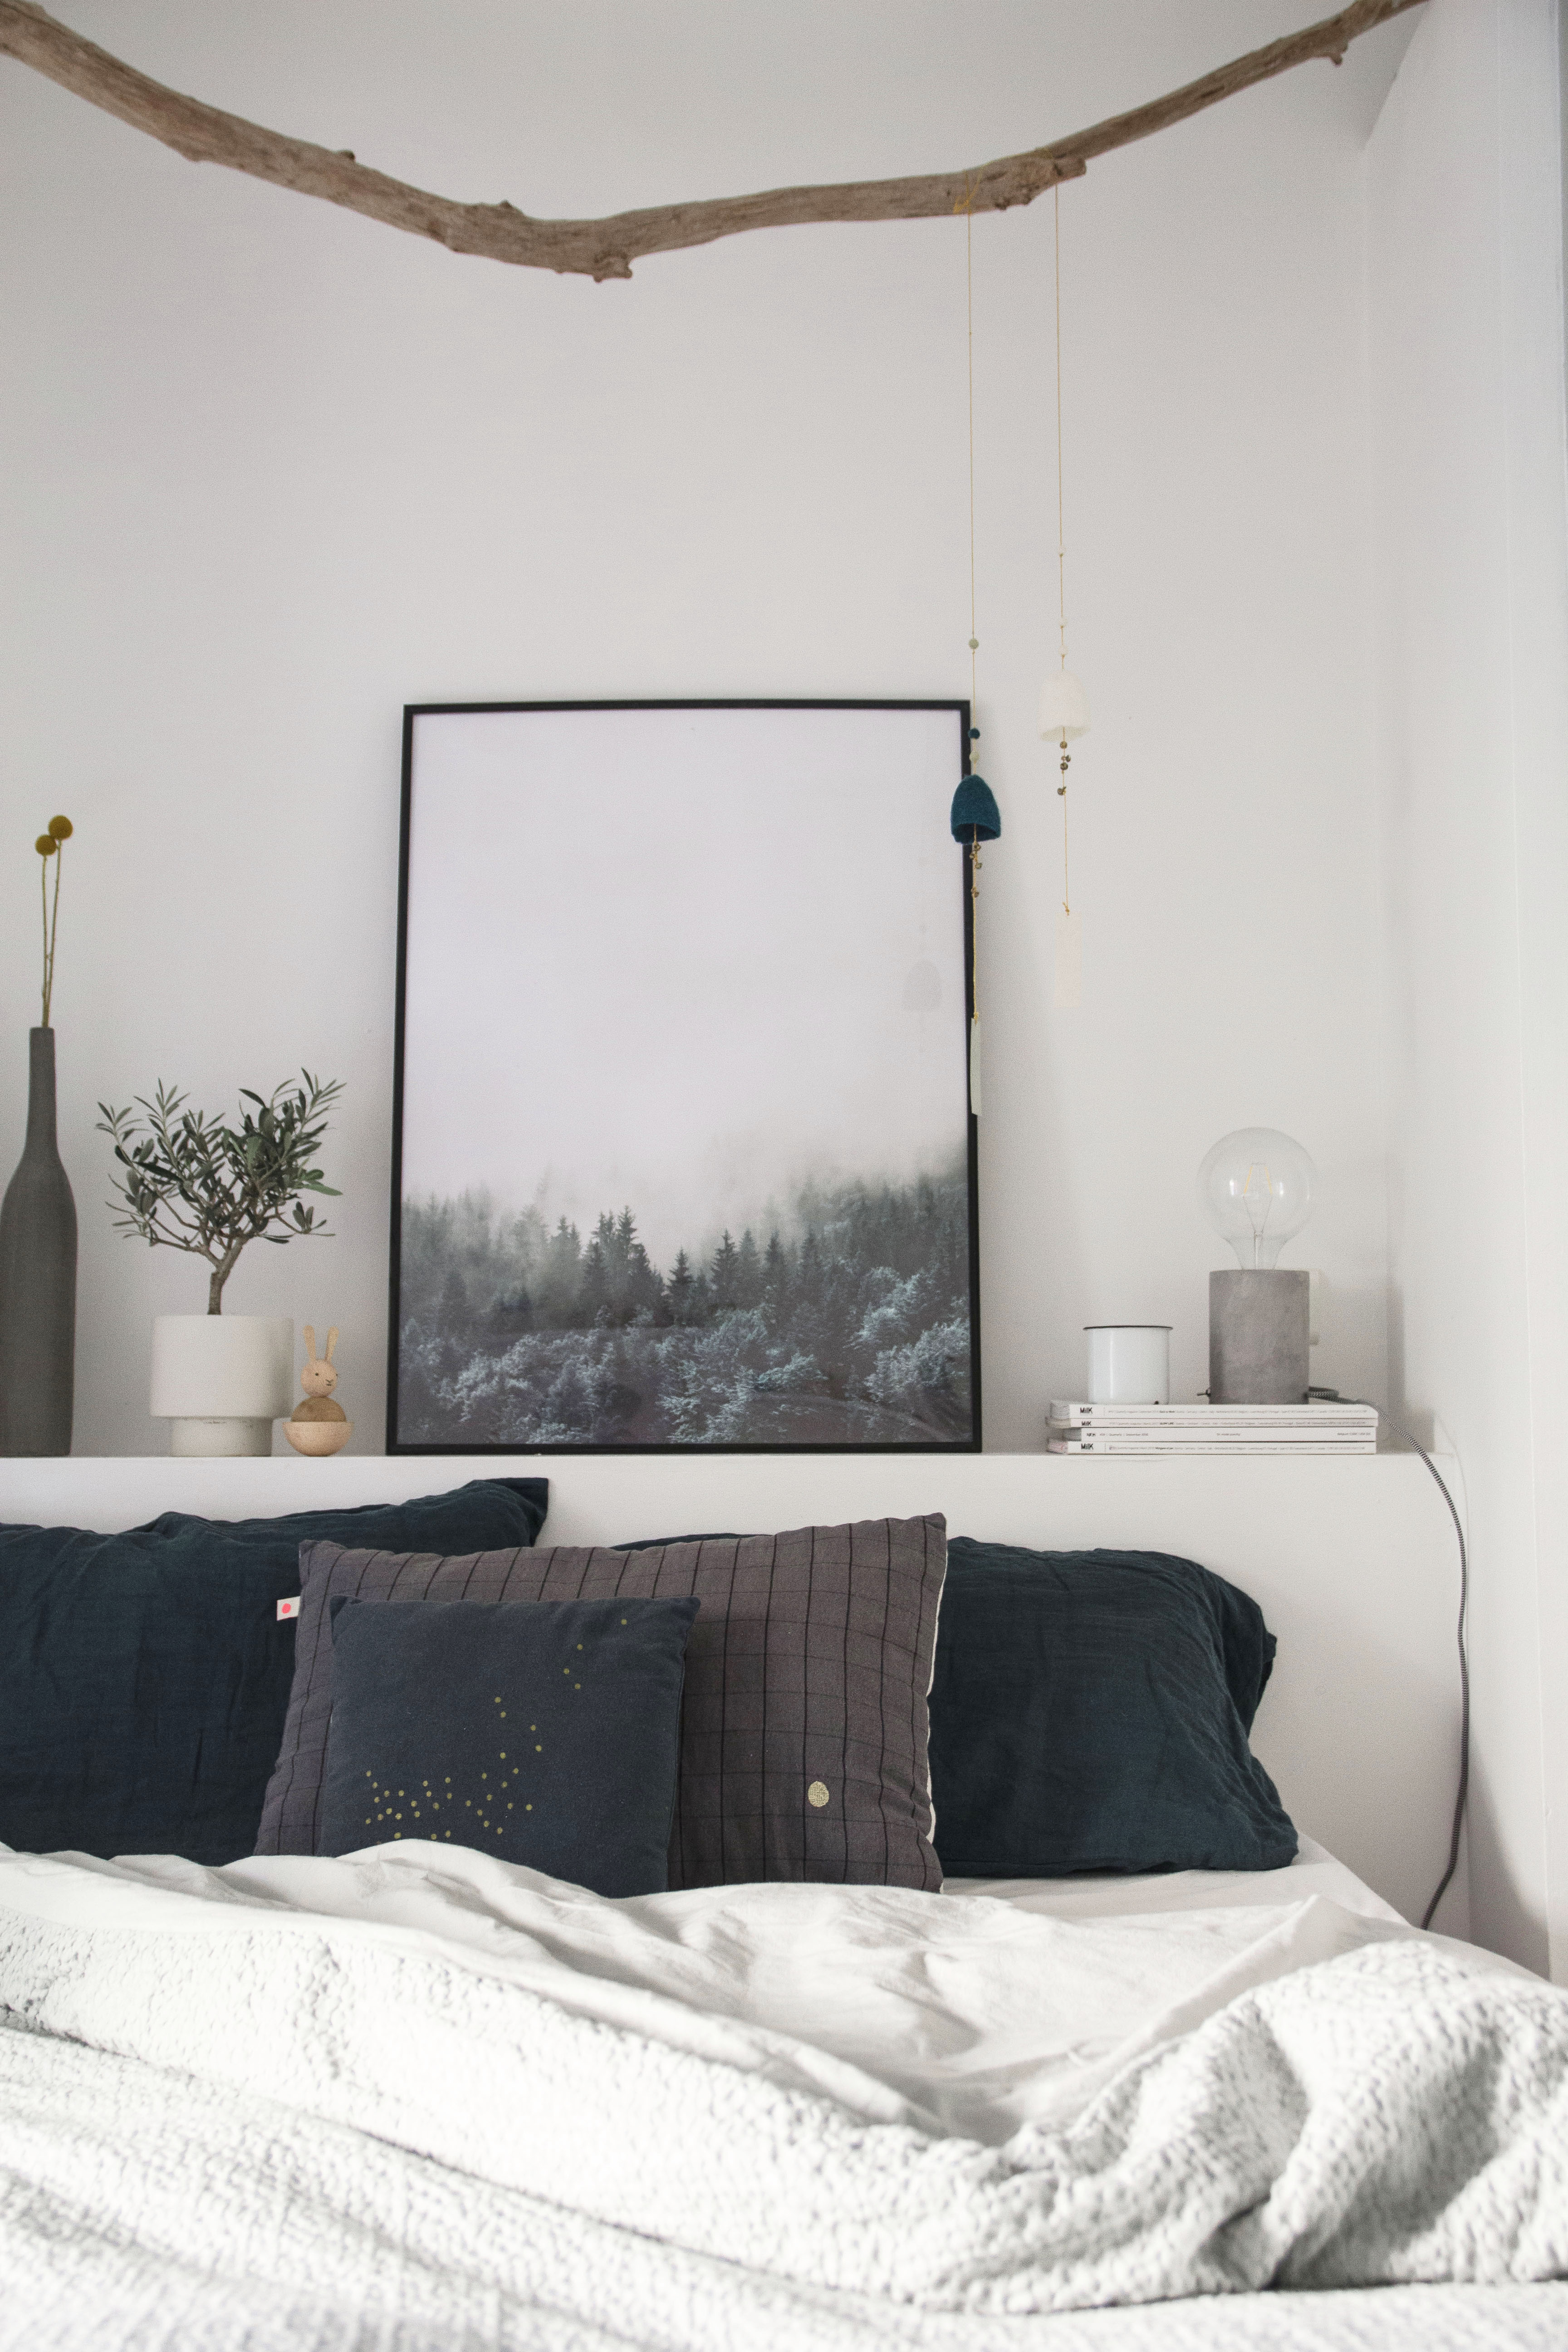 décoration chambre inspiration scandinave decocot